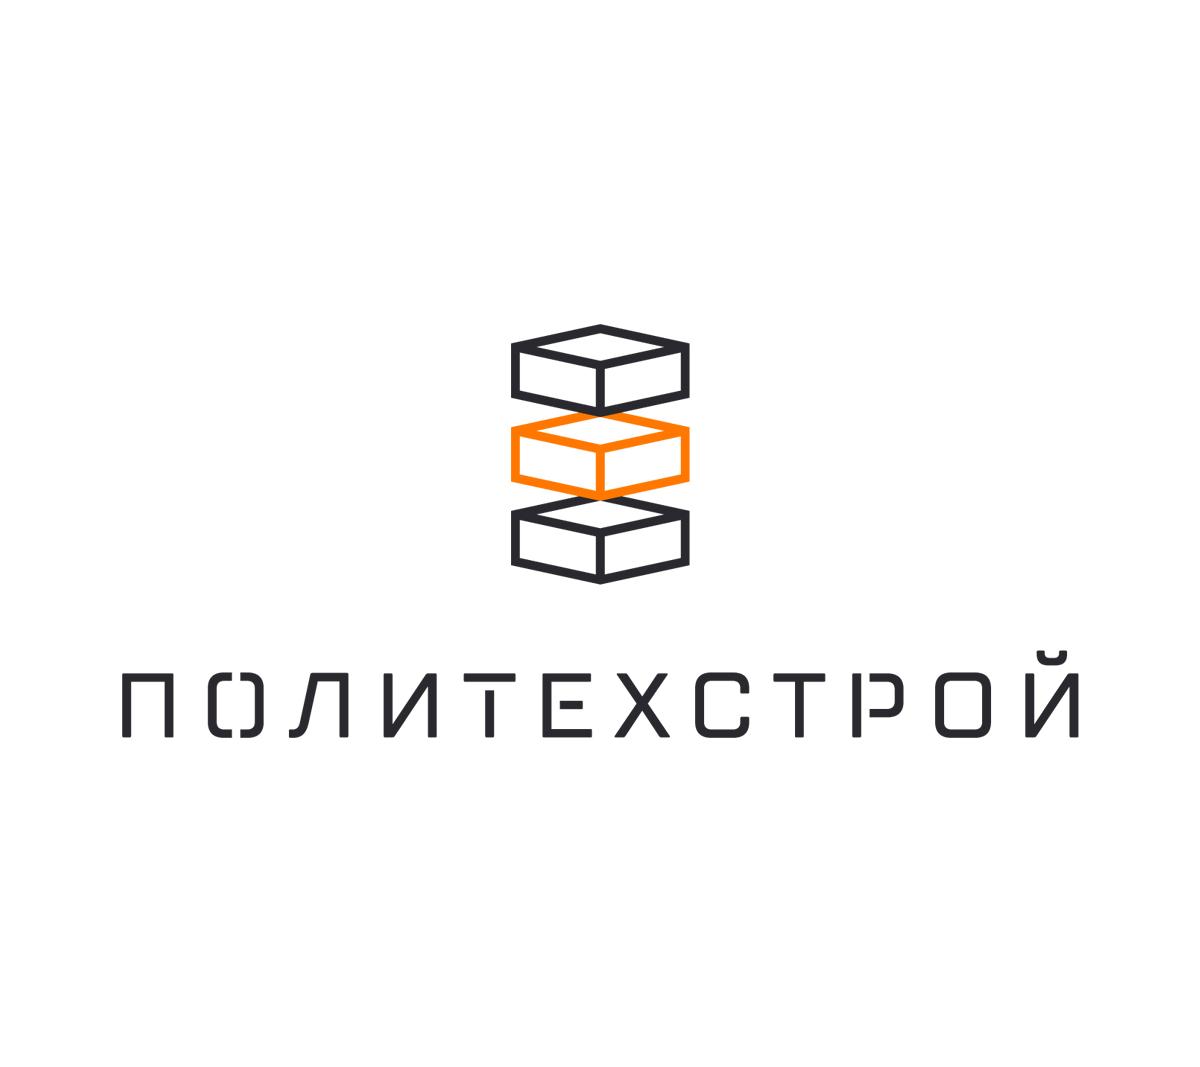 Компания «Политехстрой» - партнёр Федерации мотоциклетного спорта России